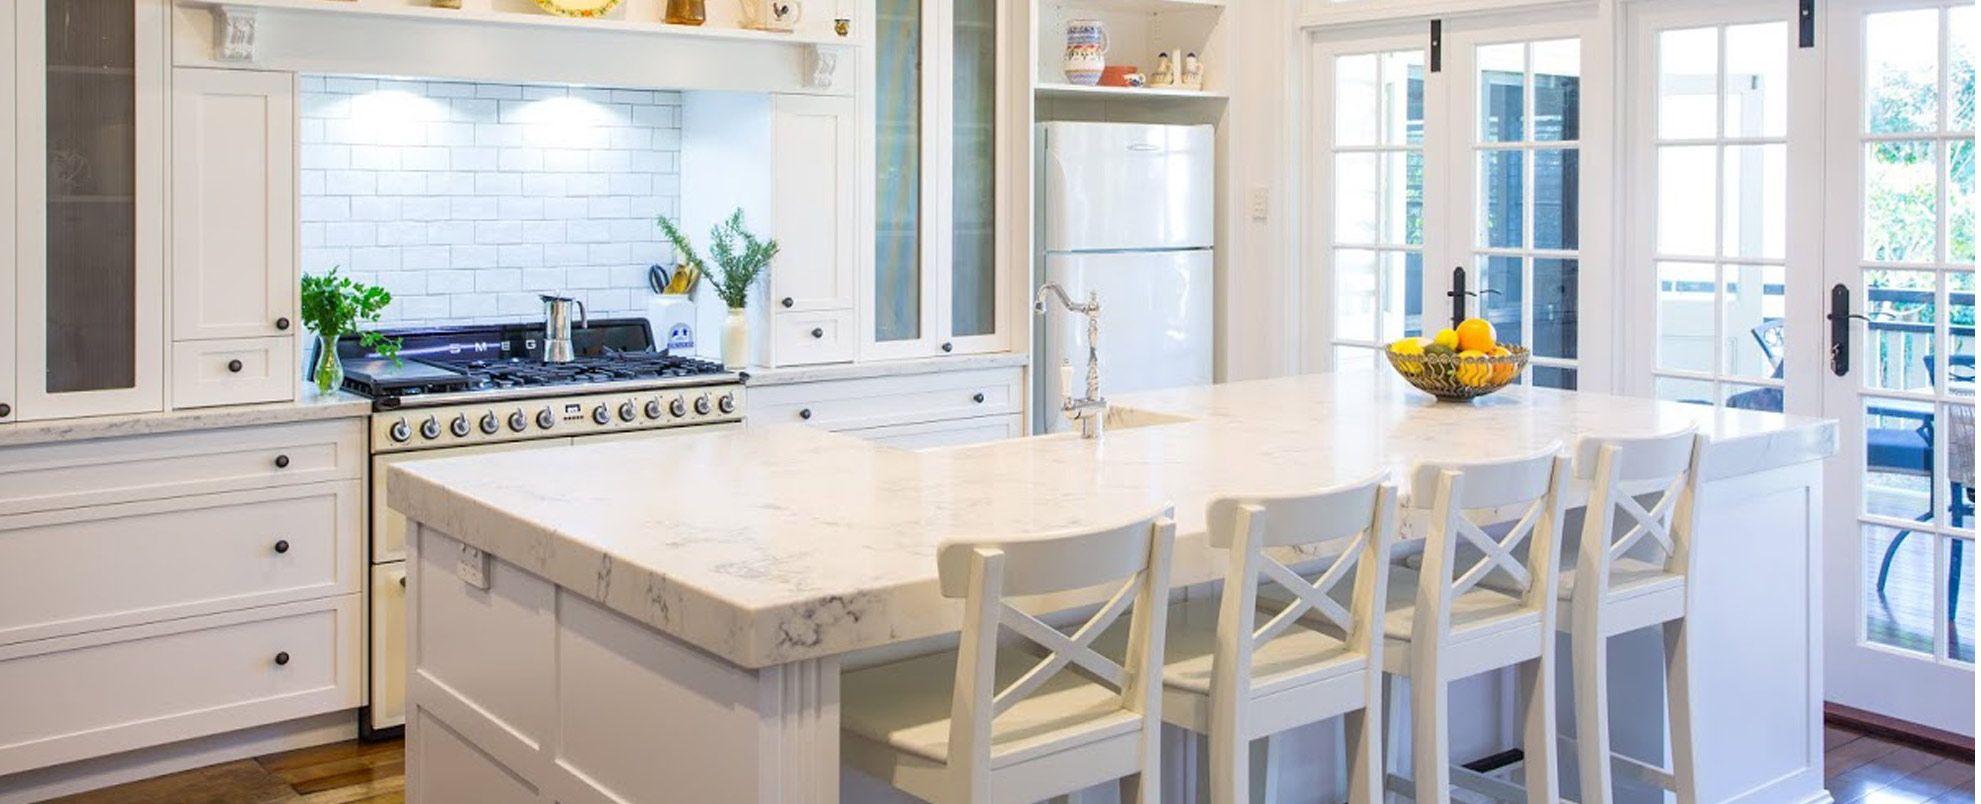 Landscape Design And Construction Gold Coast  Bathroom Design Inspiration Kitchen Designer Brisbane Design Inspiration